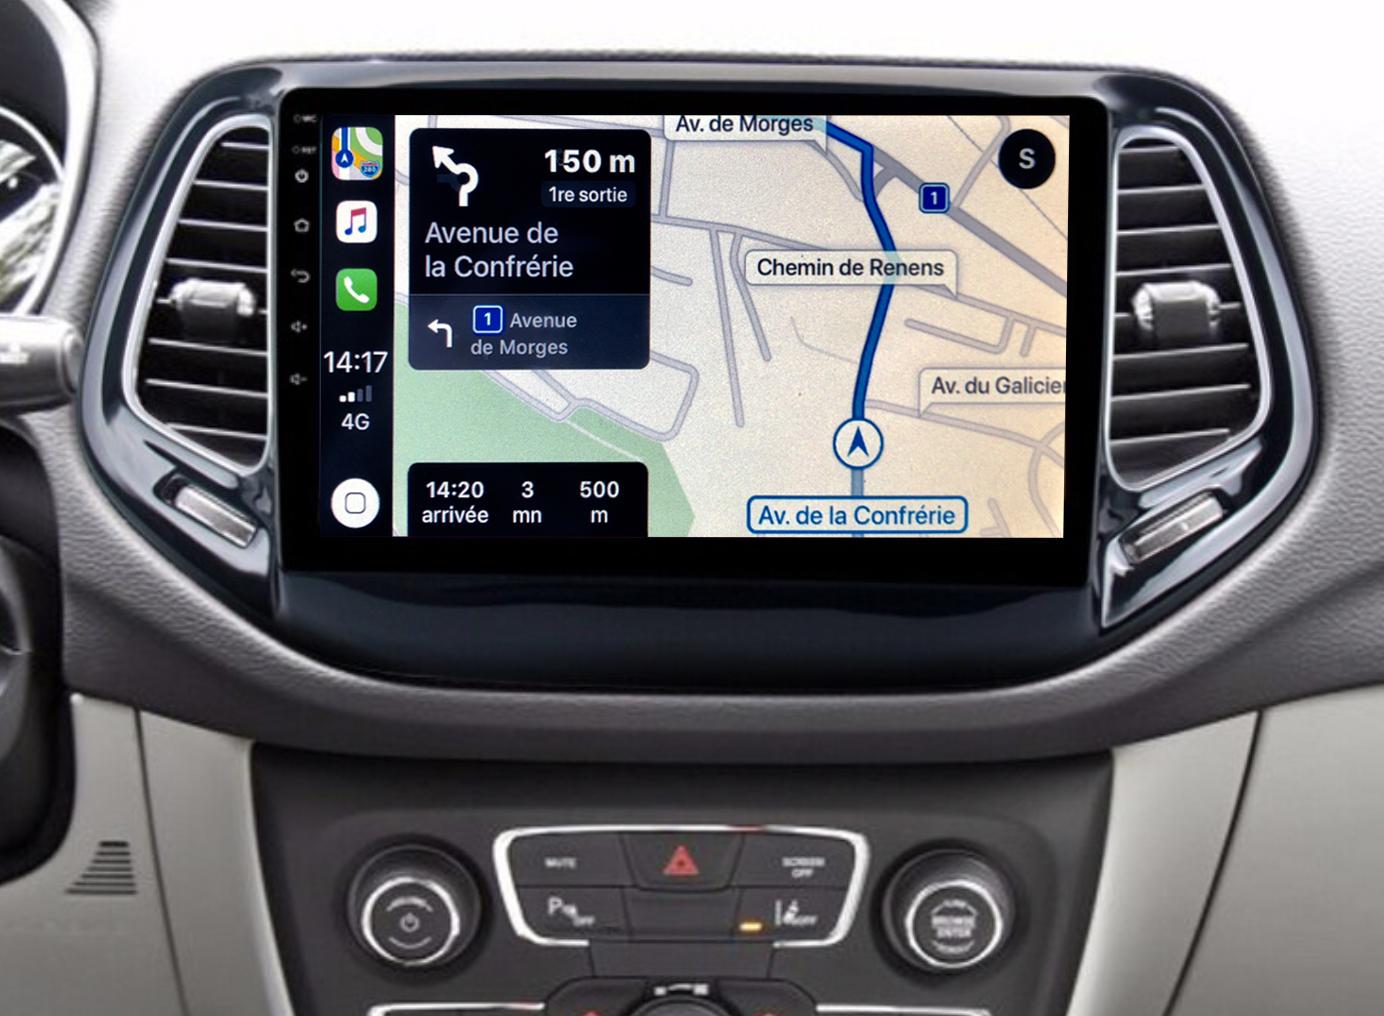 Autoradio GPS à écran tactile QLED Android 11.0 et Apple Carplay sans fil Jeep Compass depuis 2016